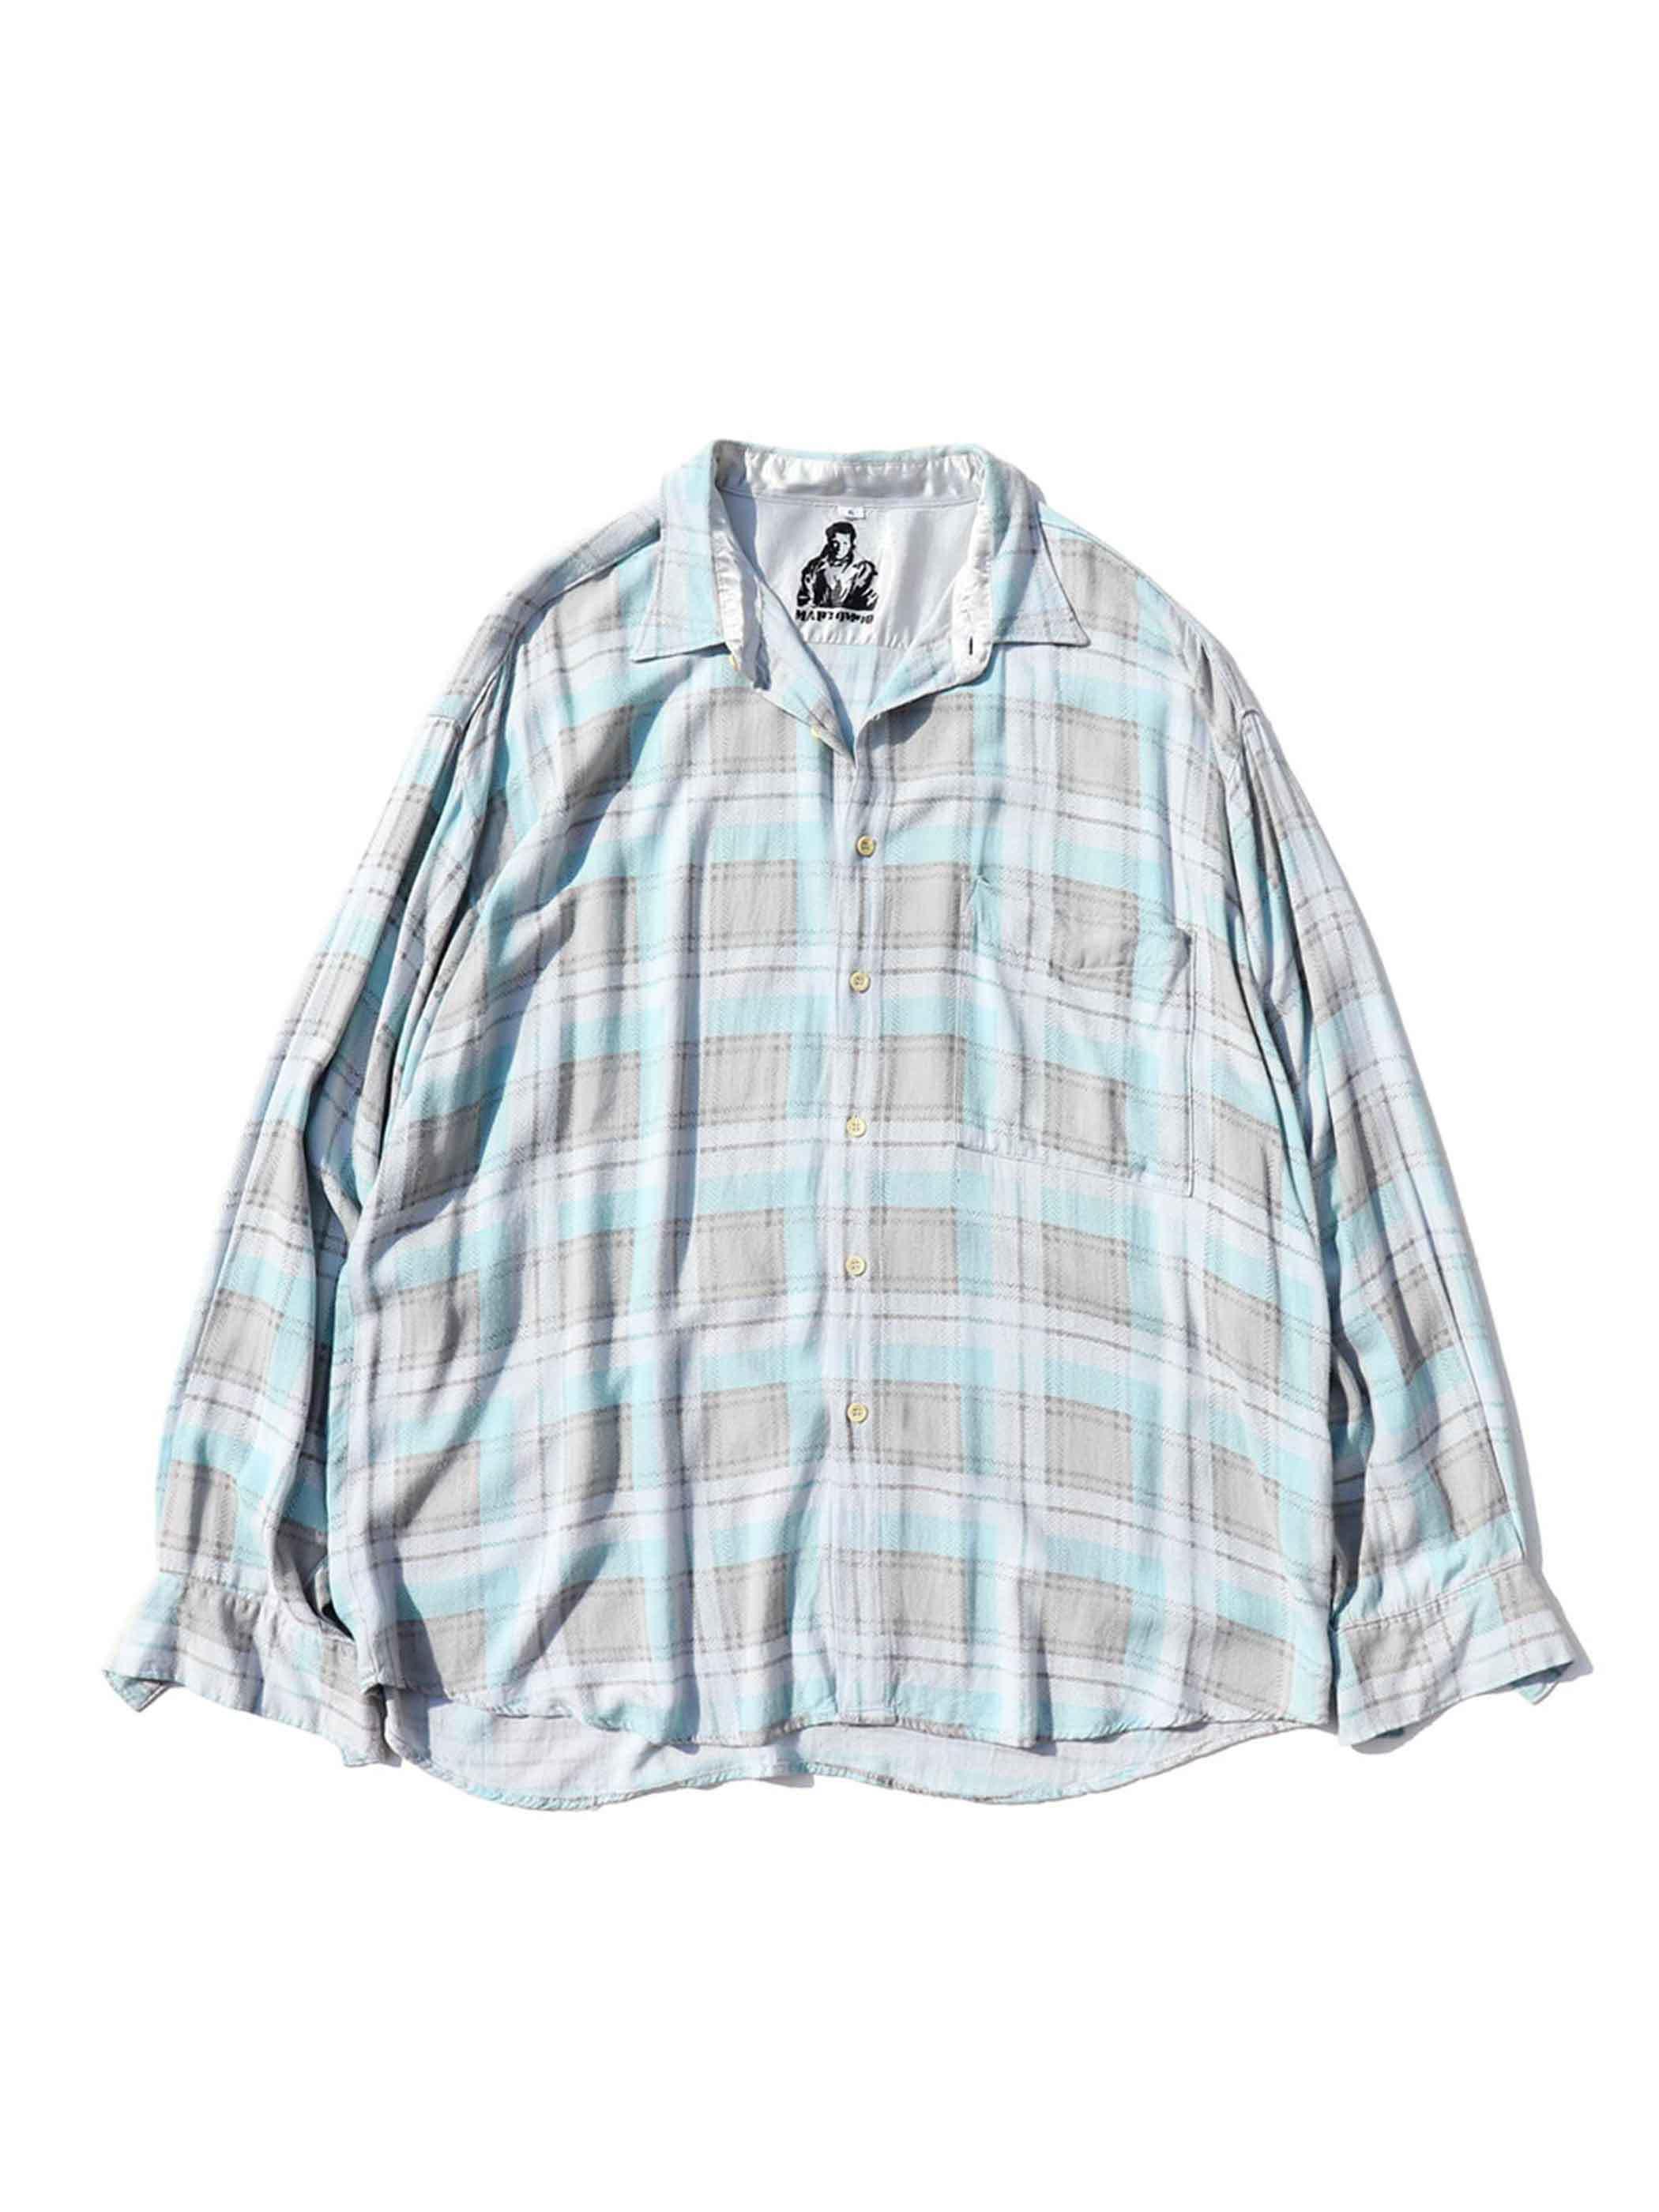 00's MARTOMOD Viscose Print Check Pattern L/S Shirt [6]